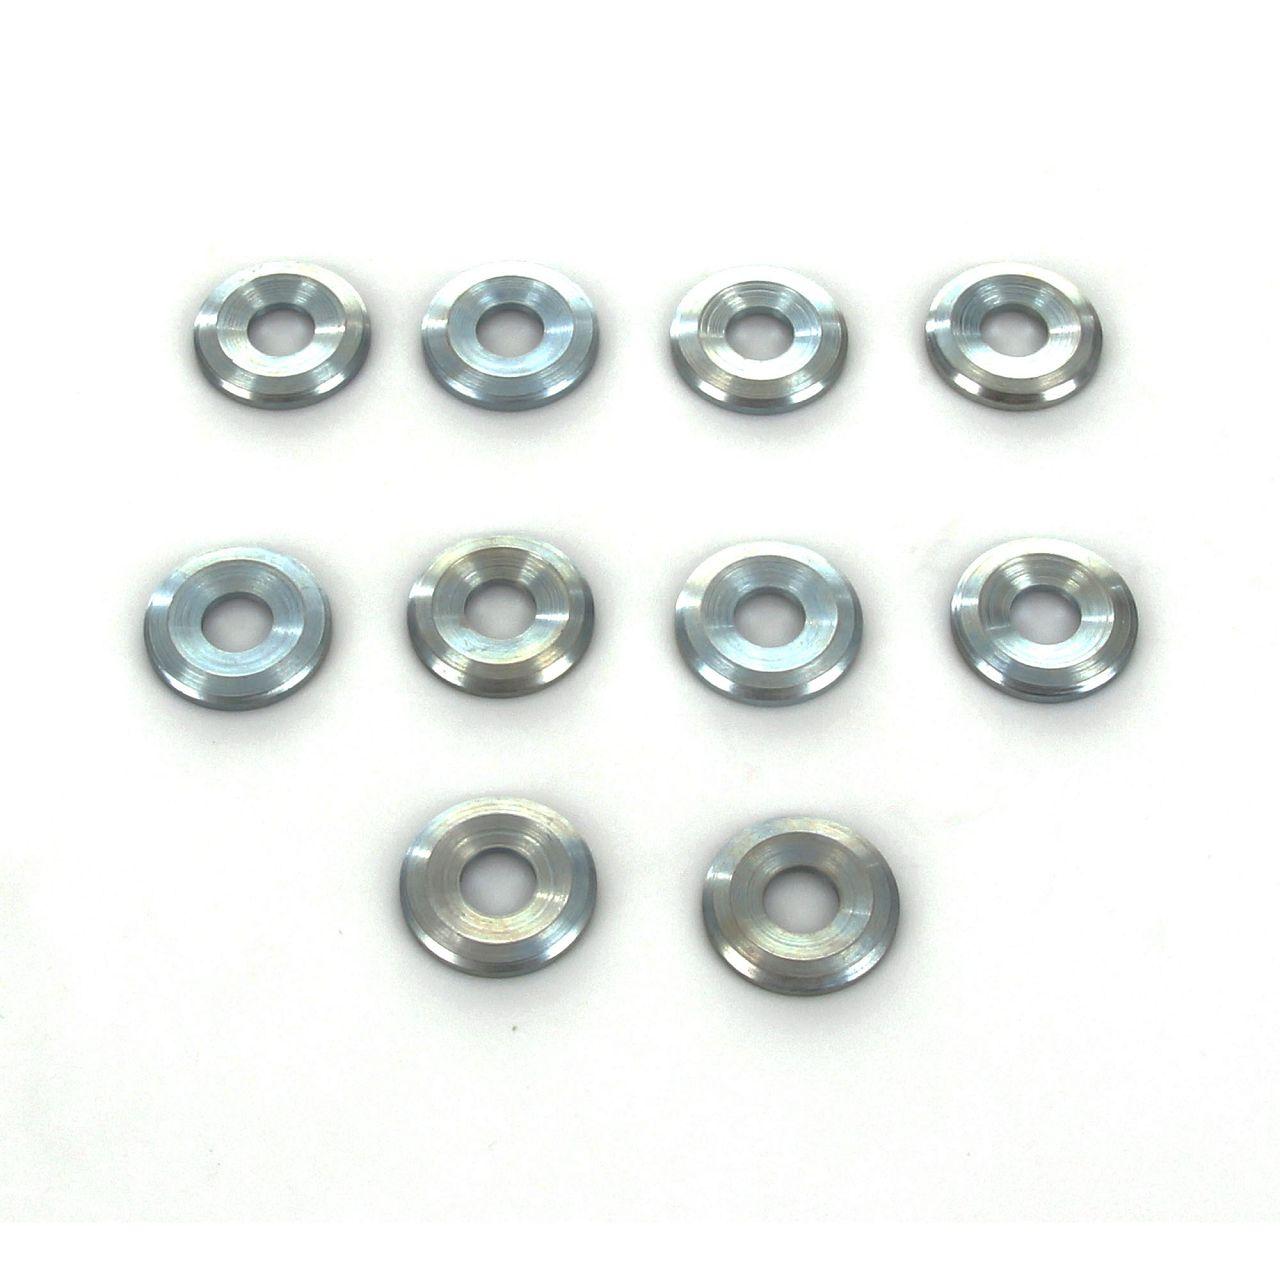 10x Dichtring Düsenhalter Wärmeschutzscheibe Injector Seals für MERCEDES 6010170060